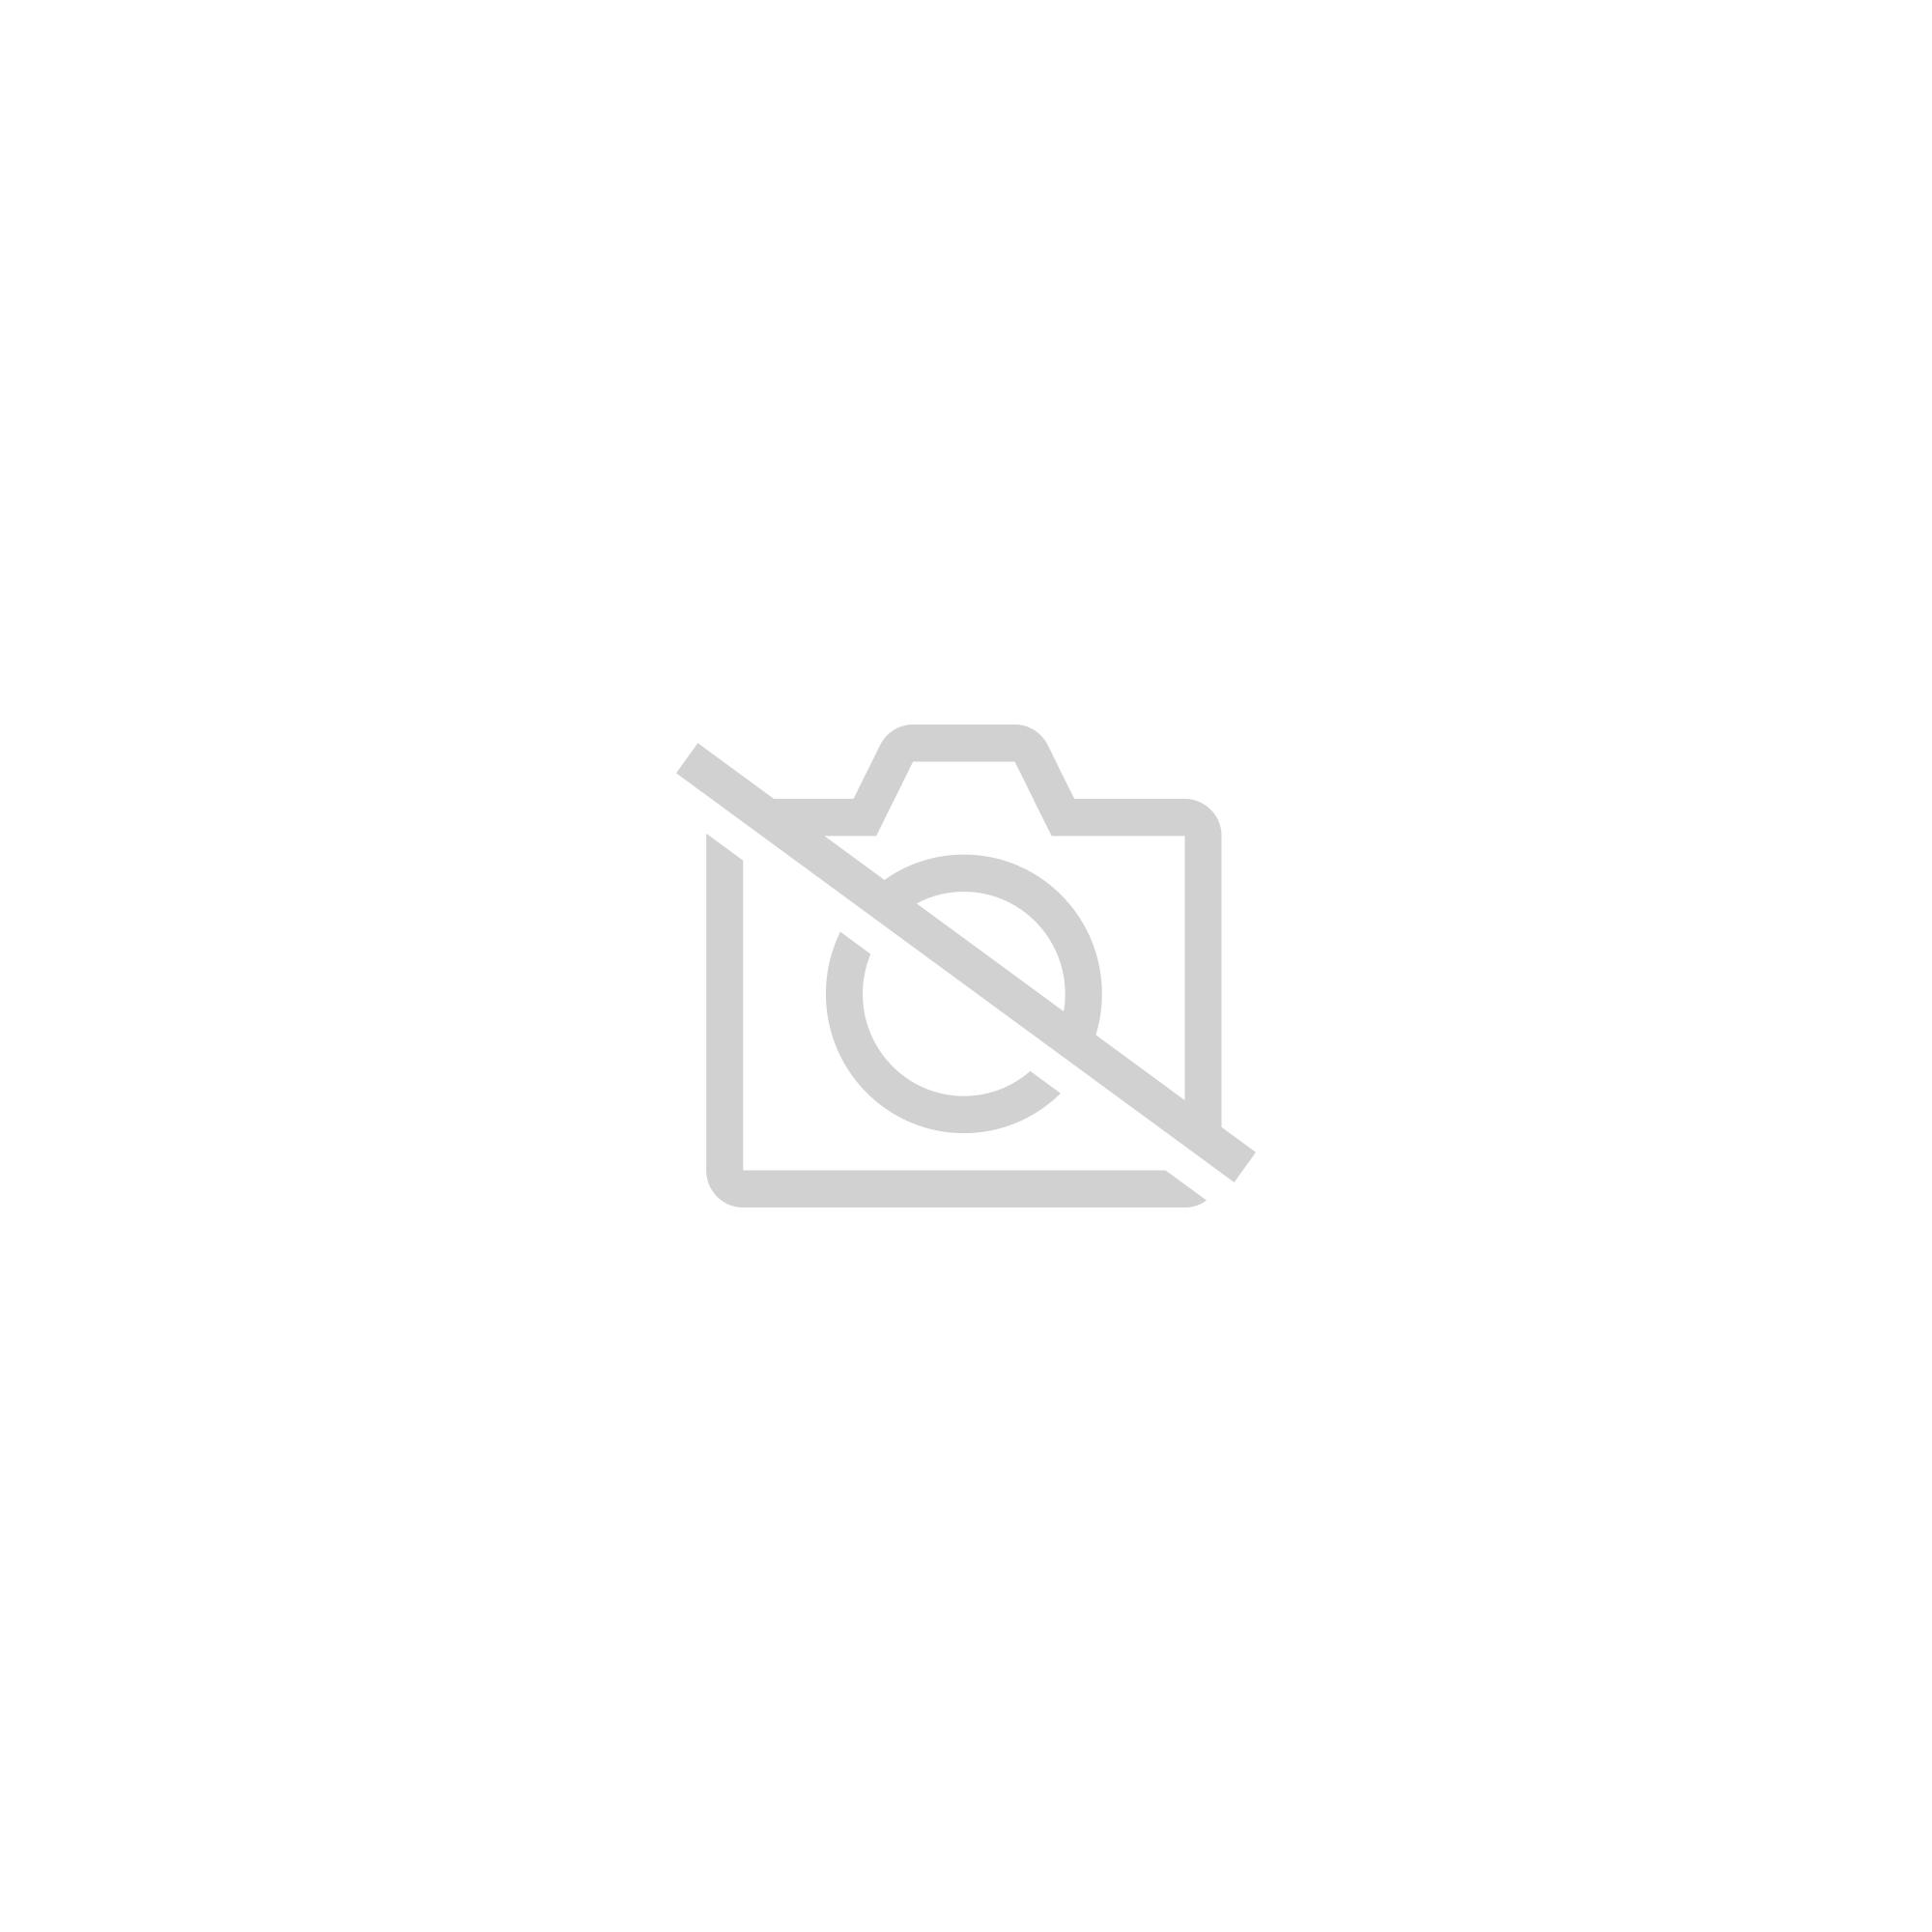 Arslan - Tome 11 - Vol11